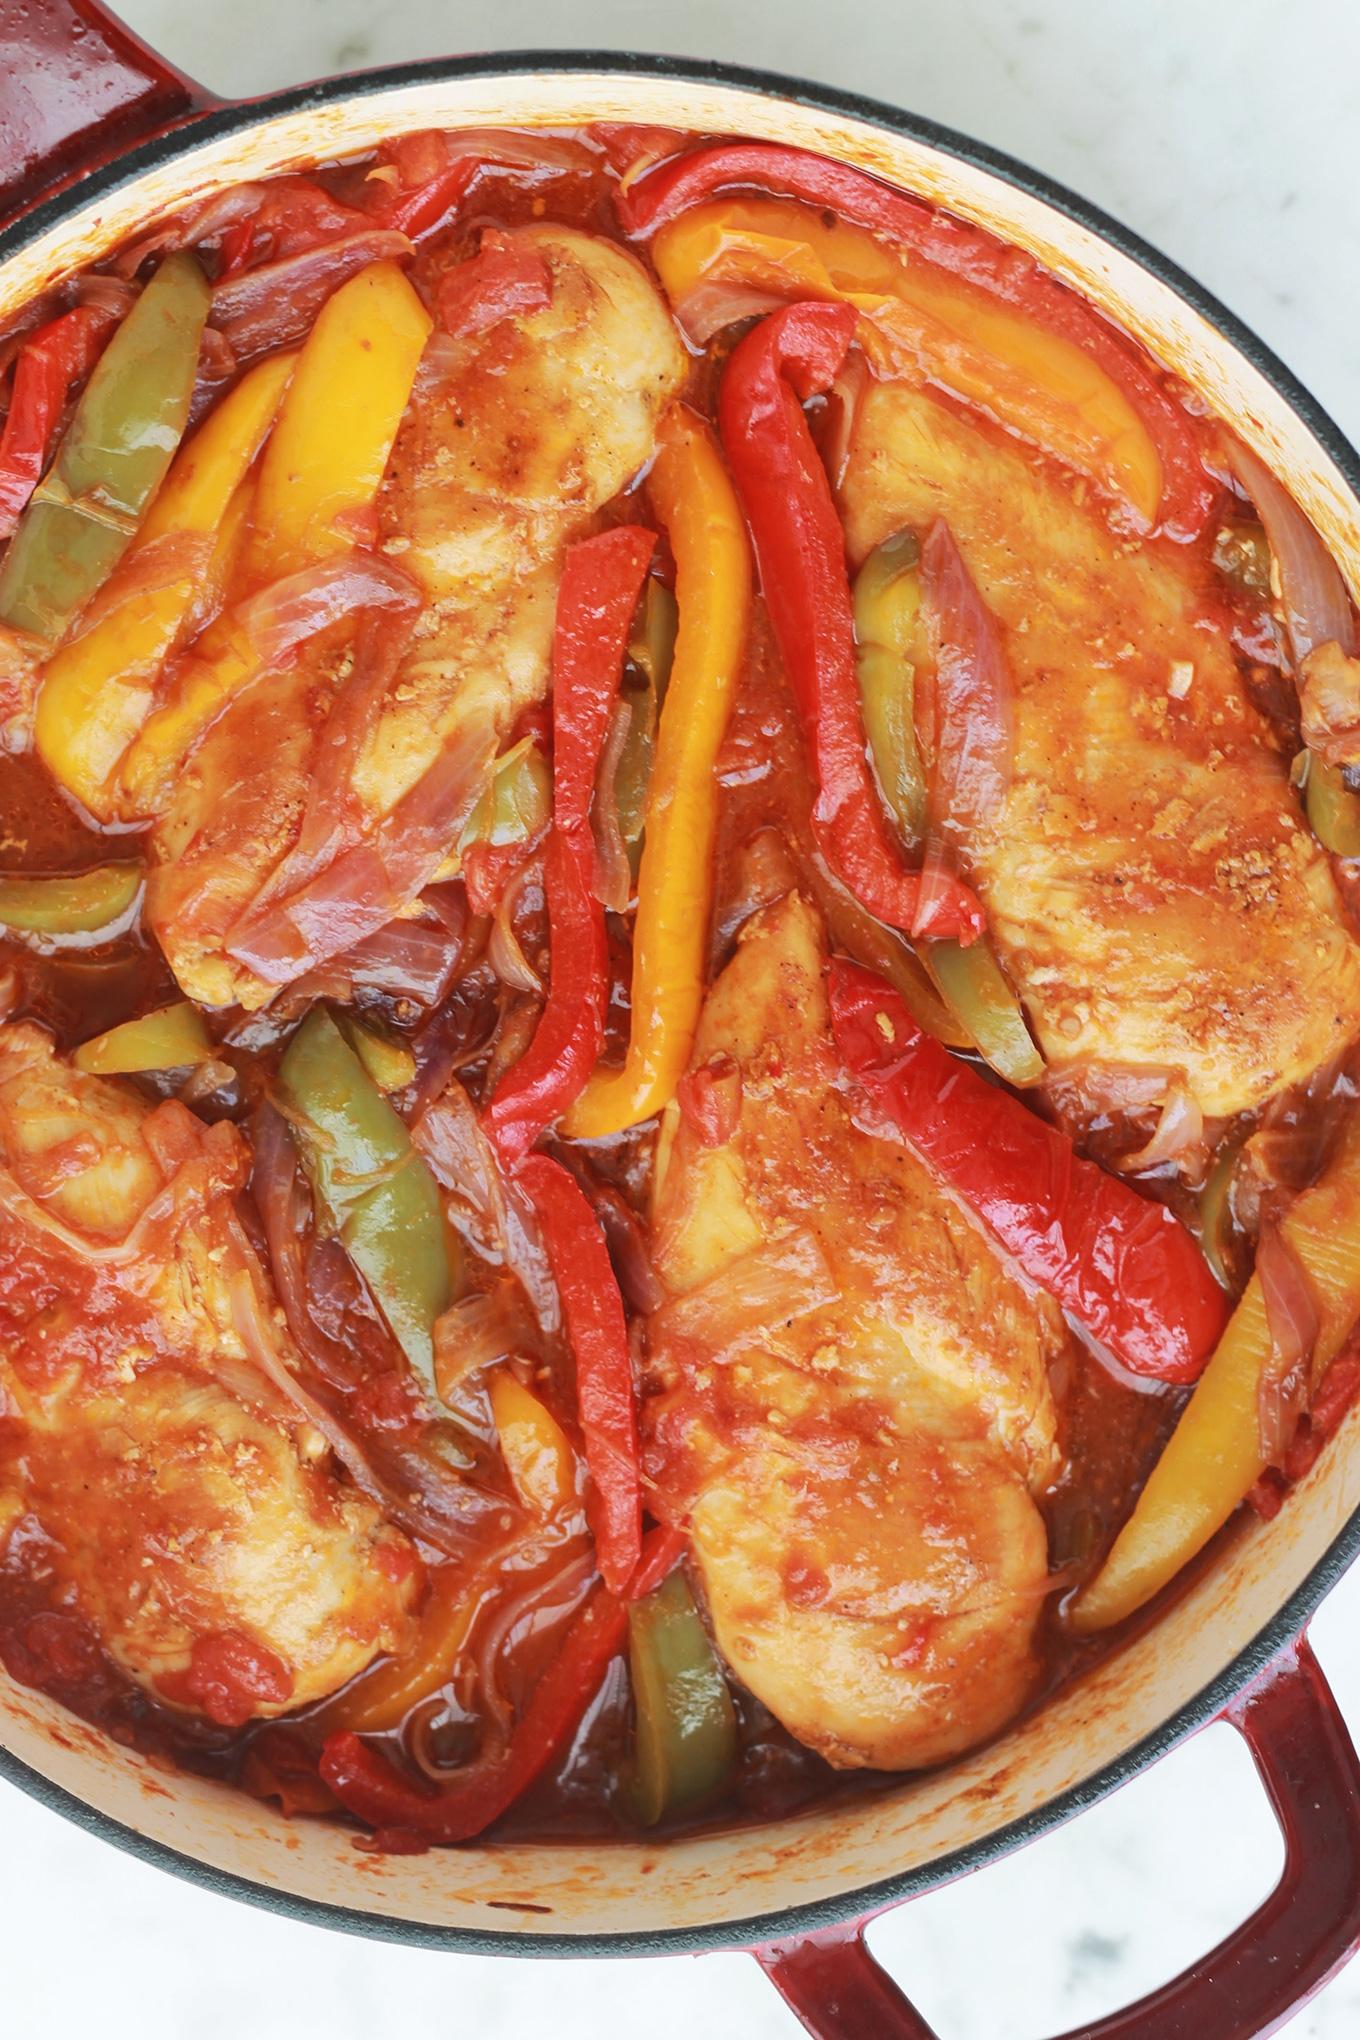 Poitrines de poulet aux poivrons, oignons et tomates. Un plat délicieux et très simple à faire. S'accompagne très bien avec du riz, une purée de pommes de terre ou des frites.